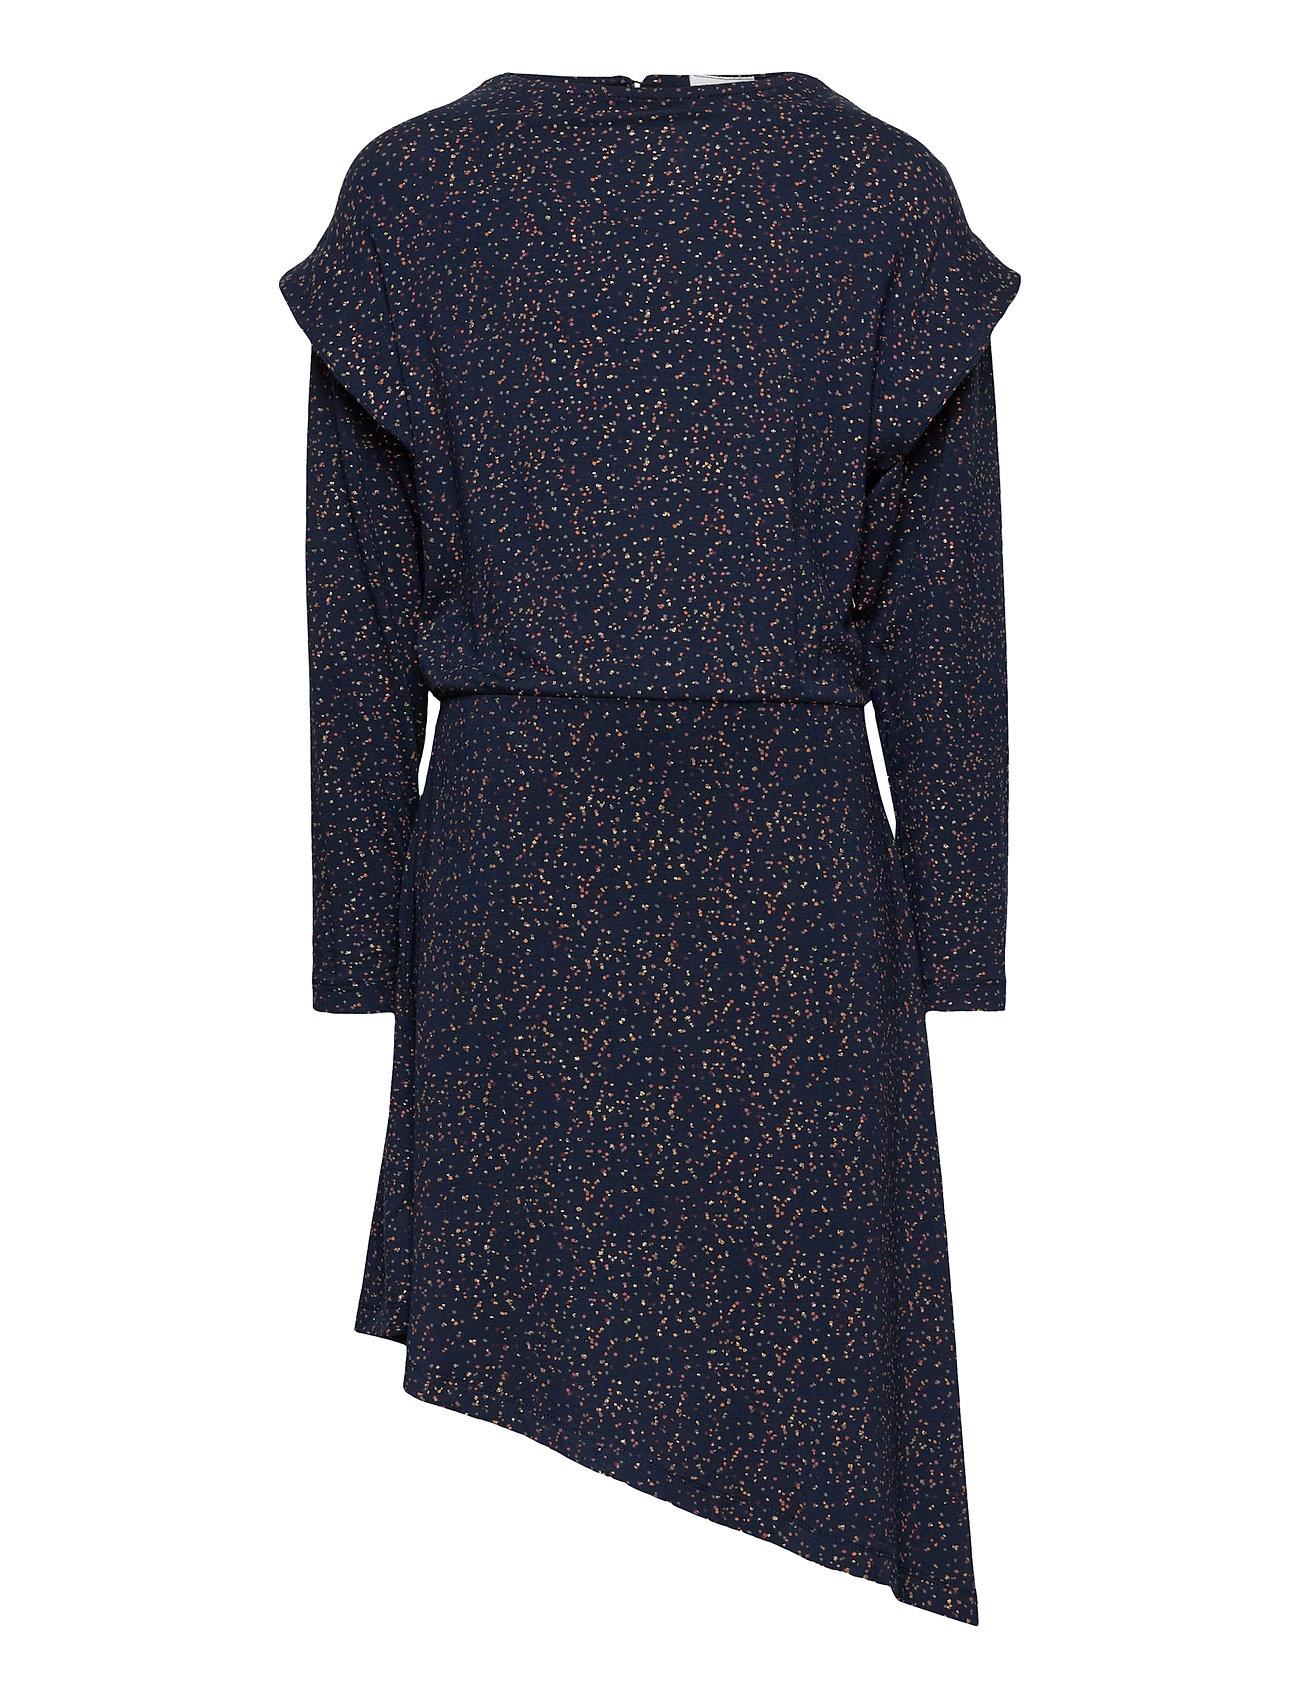 Image of Selma L_s Dress Kjole Blå The New (3490040265)